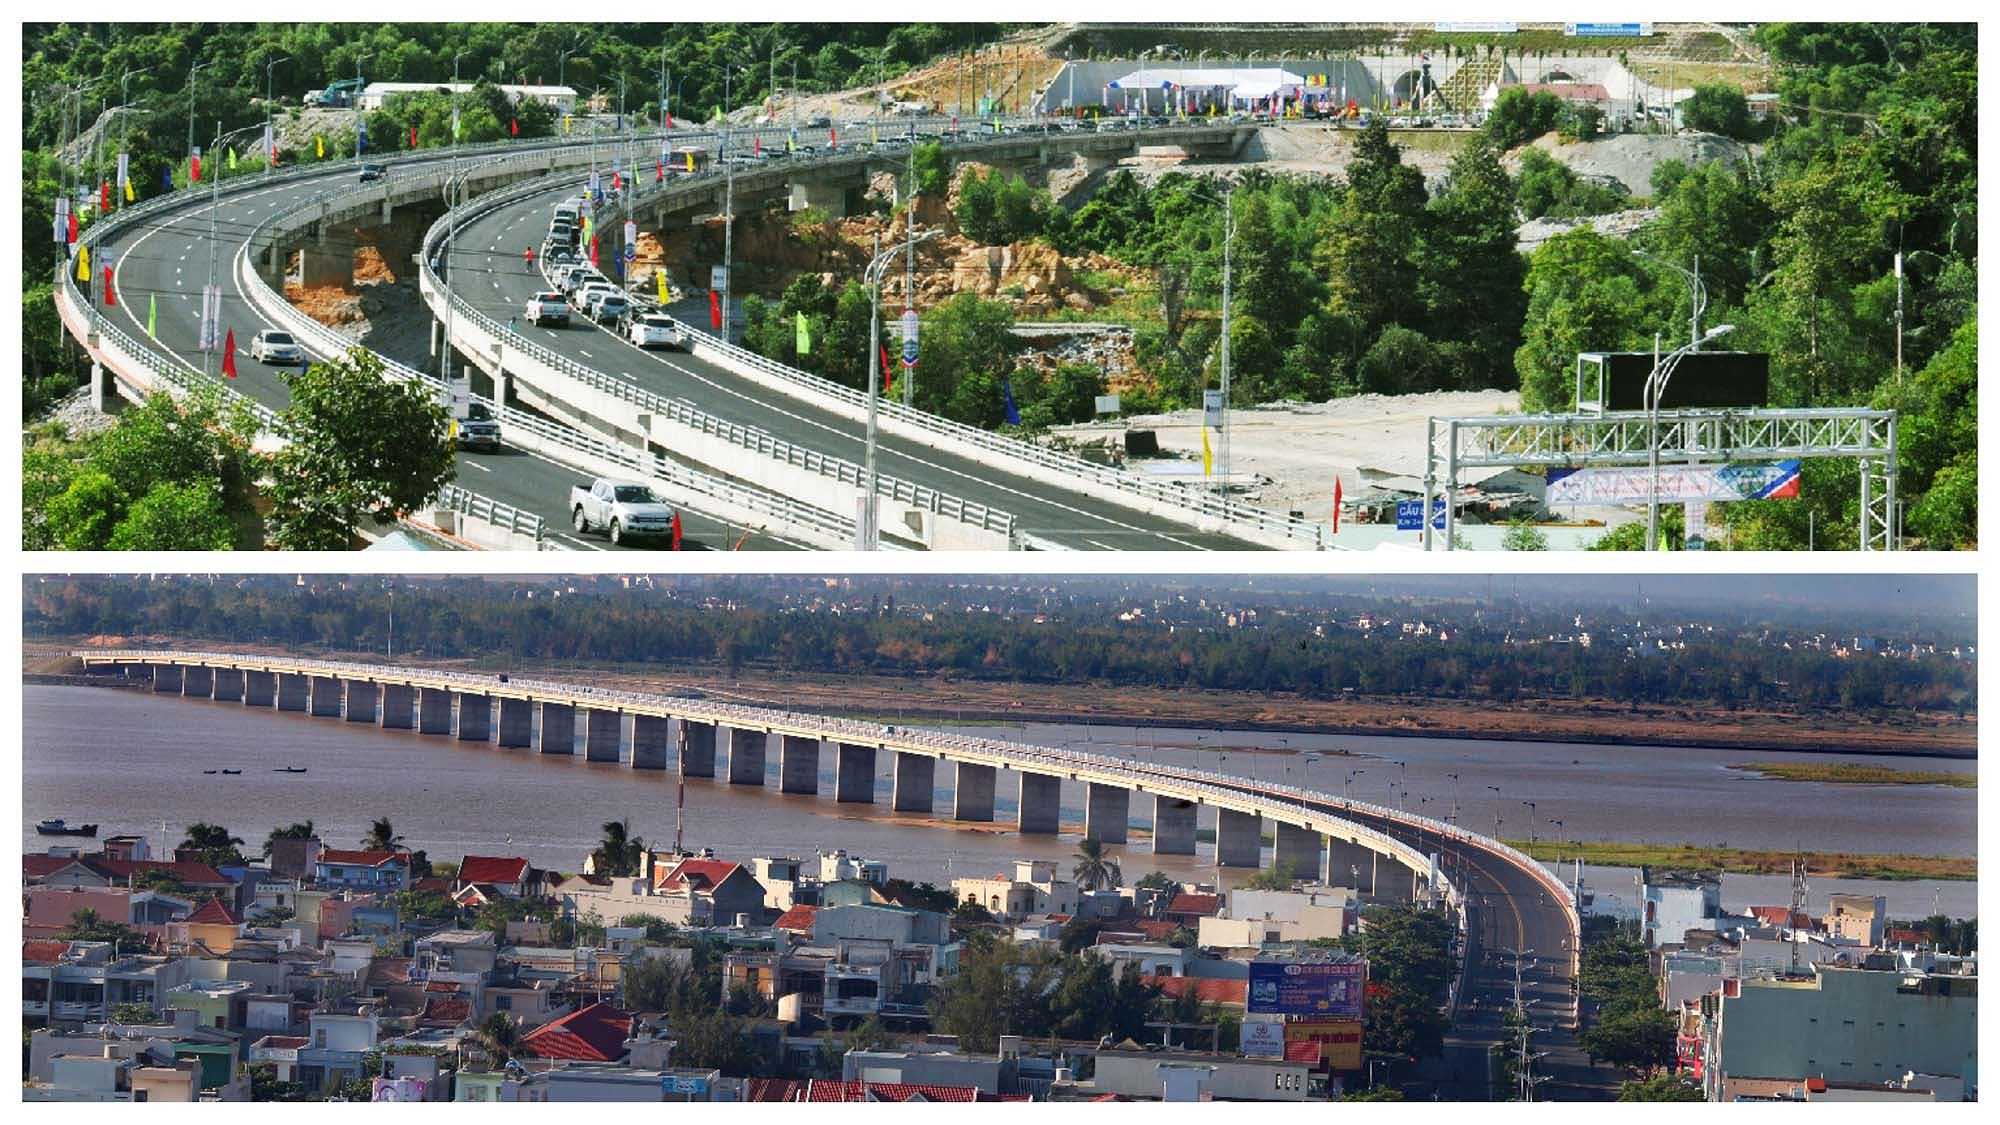 Hệ thống hạ tầng giao thông tỉnh Phú Yên đang được đầu tư hiện đại